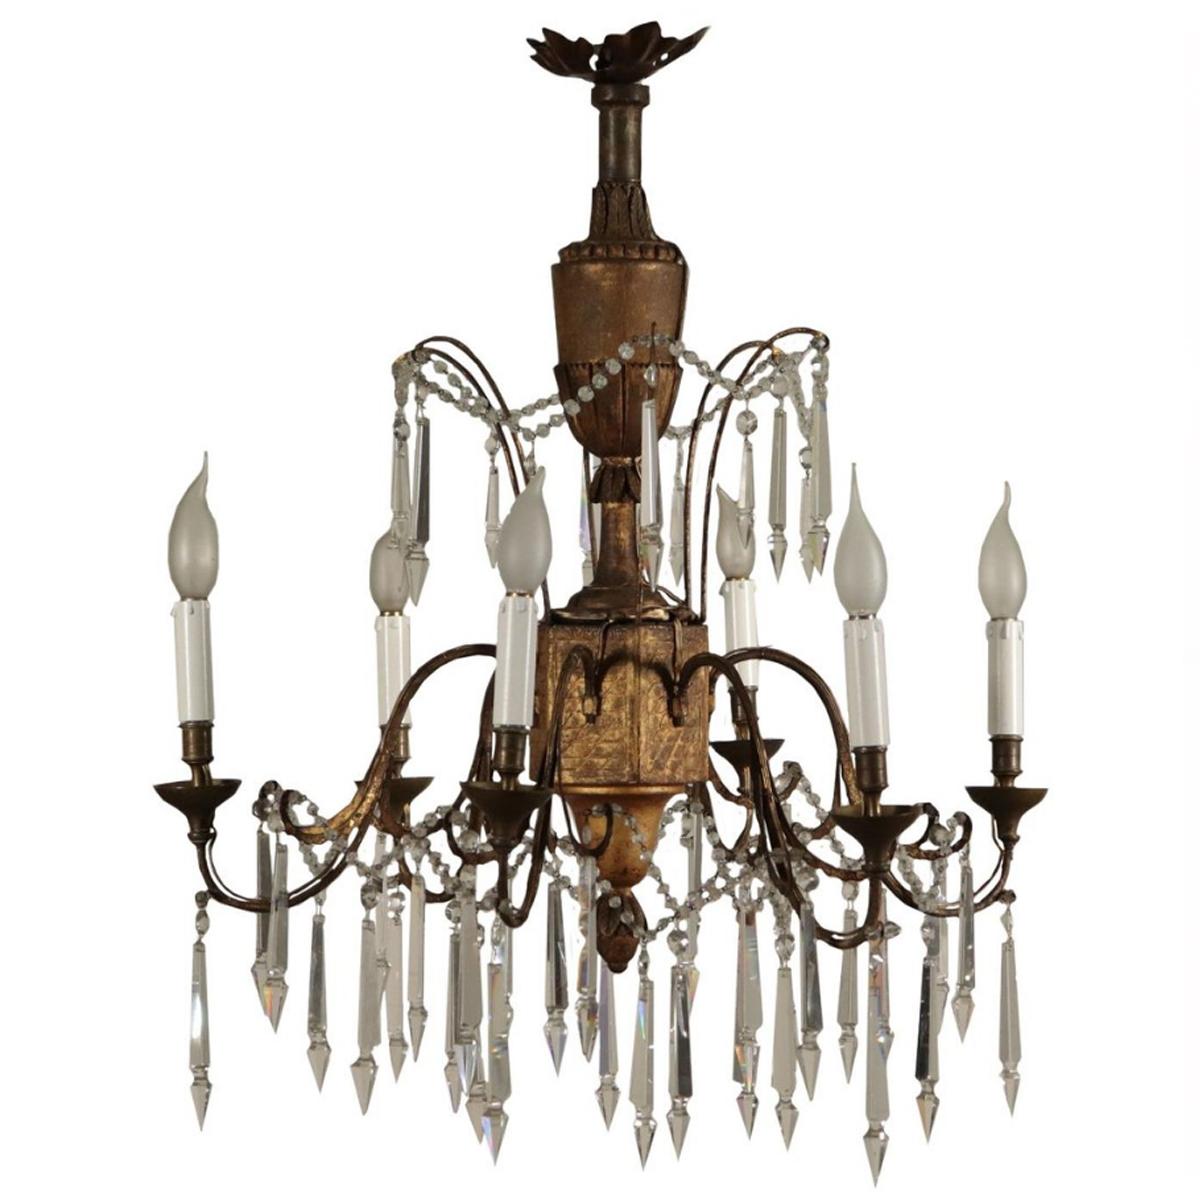 Gogna tratta con passione e competenza oggetti antichi e opere d'arte, in italia e nel mondo. Acquisto Lampadari Antichi D Epoca Lampadari Antichi Anche Da Restaurare